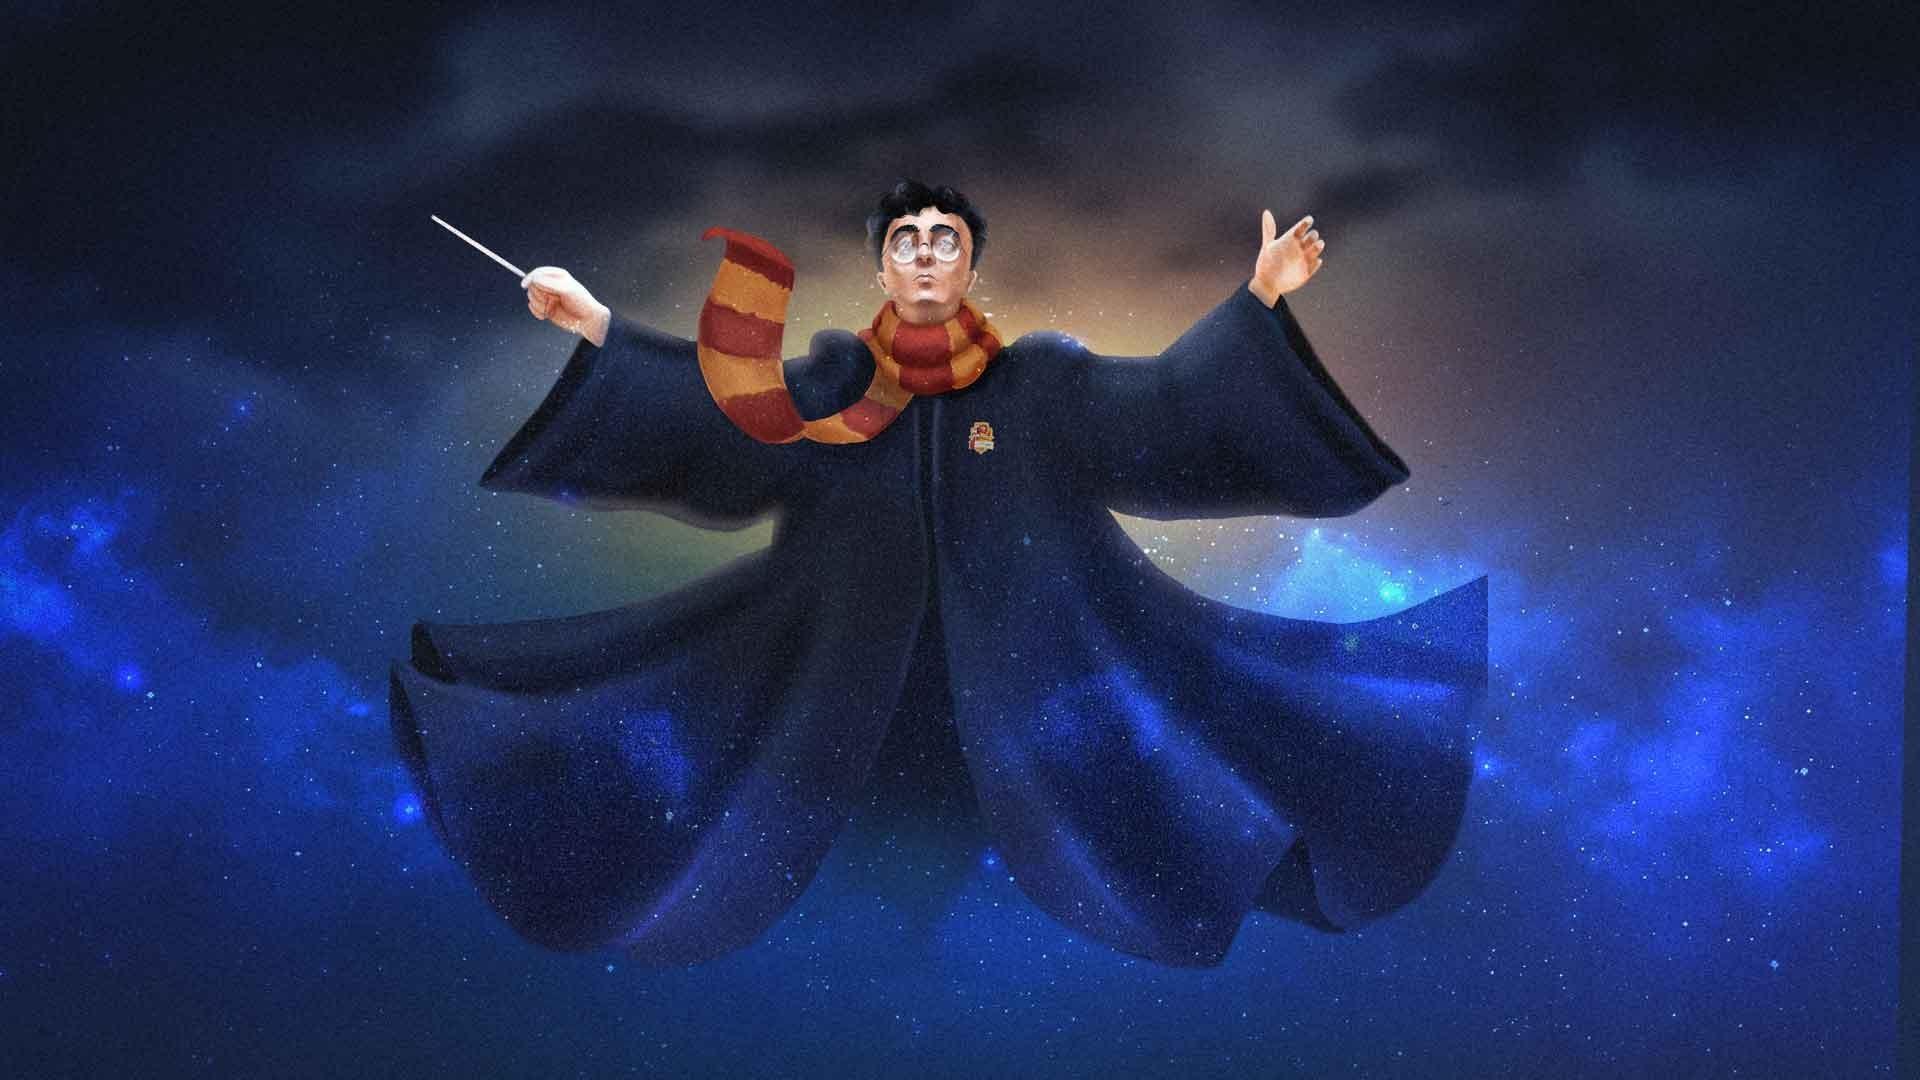 СМИ: RPG по «Гарри Поттеру» выйдет в 2021 году на PS5 и Xbox Series X